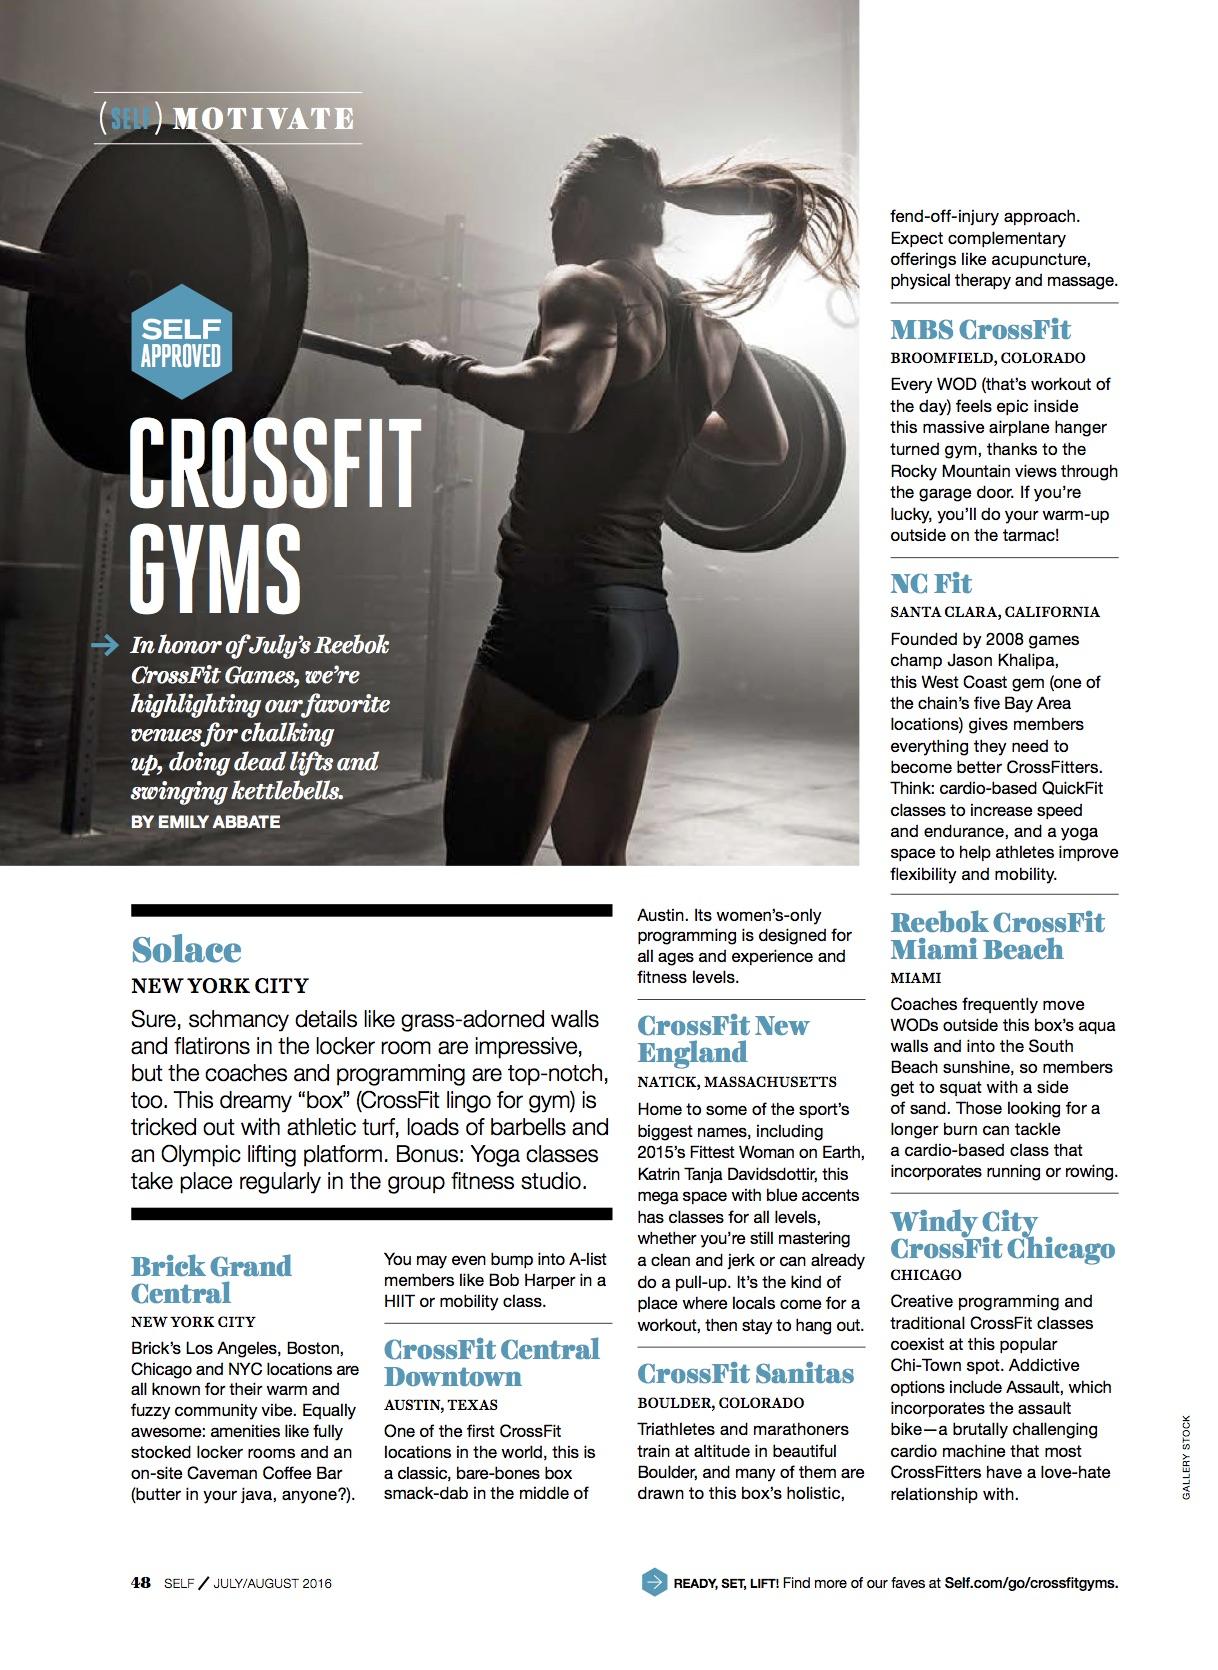 0708_crossfit_gyms.jpg